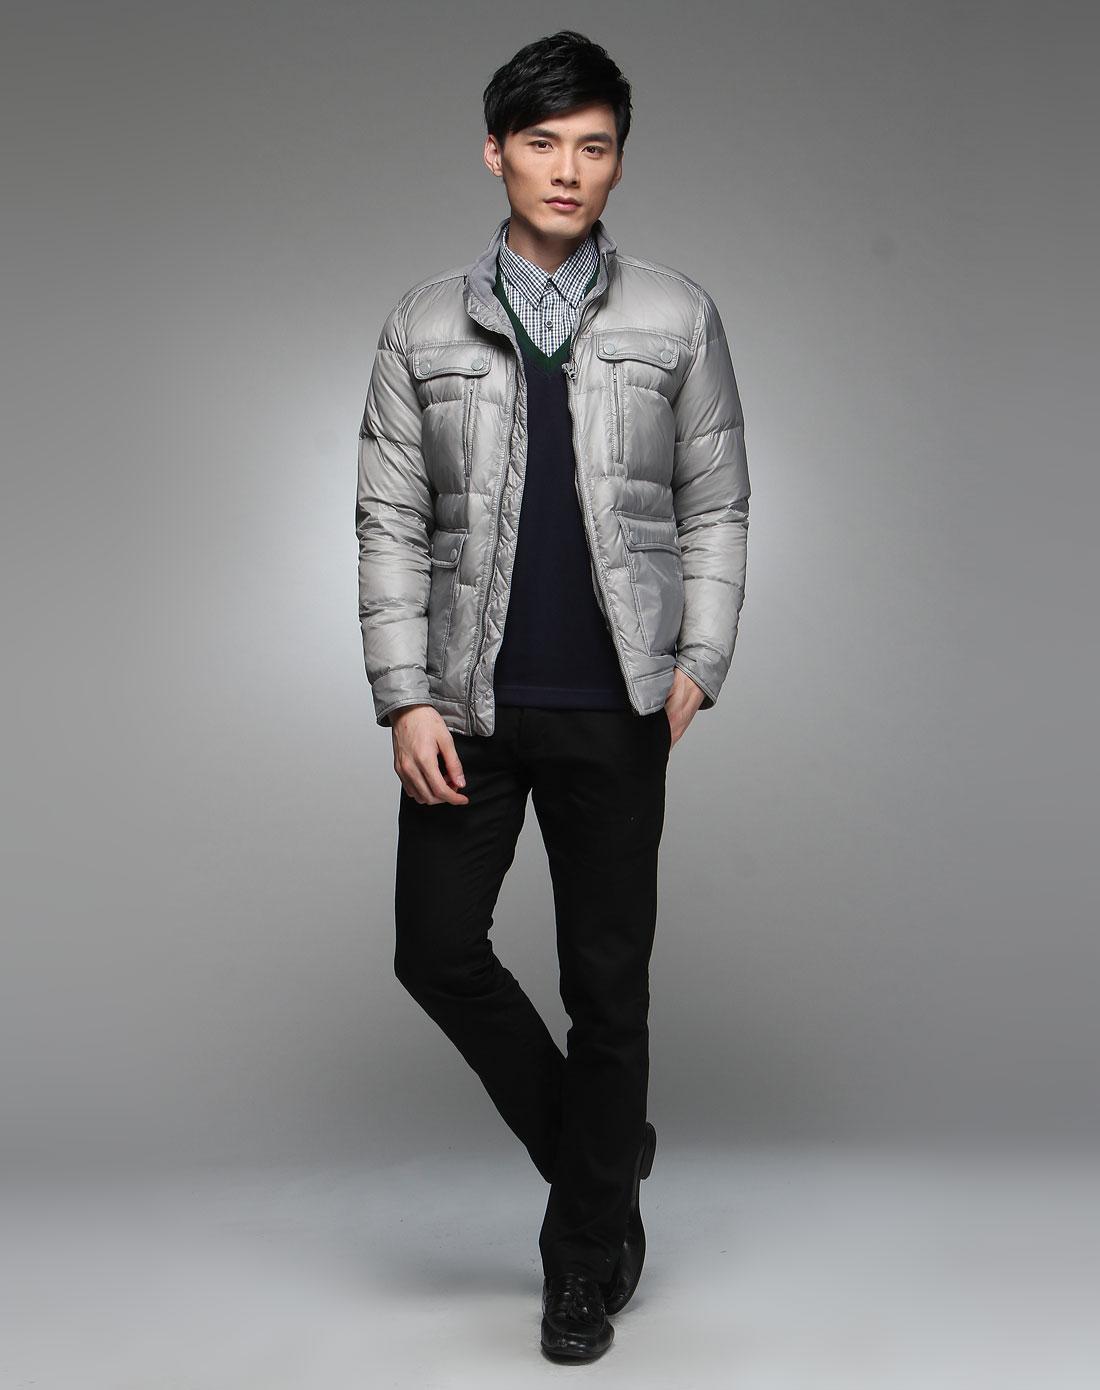 男款浅灰色时尚长袖羽绒服精品陶瓷图片